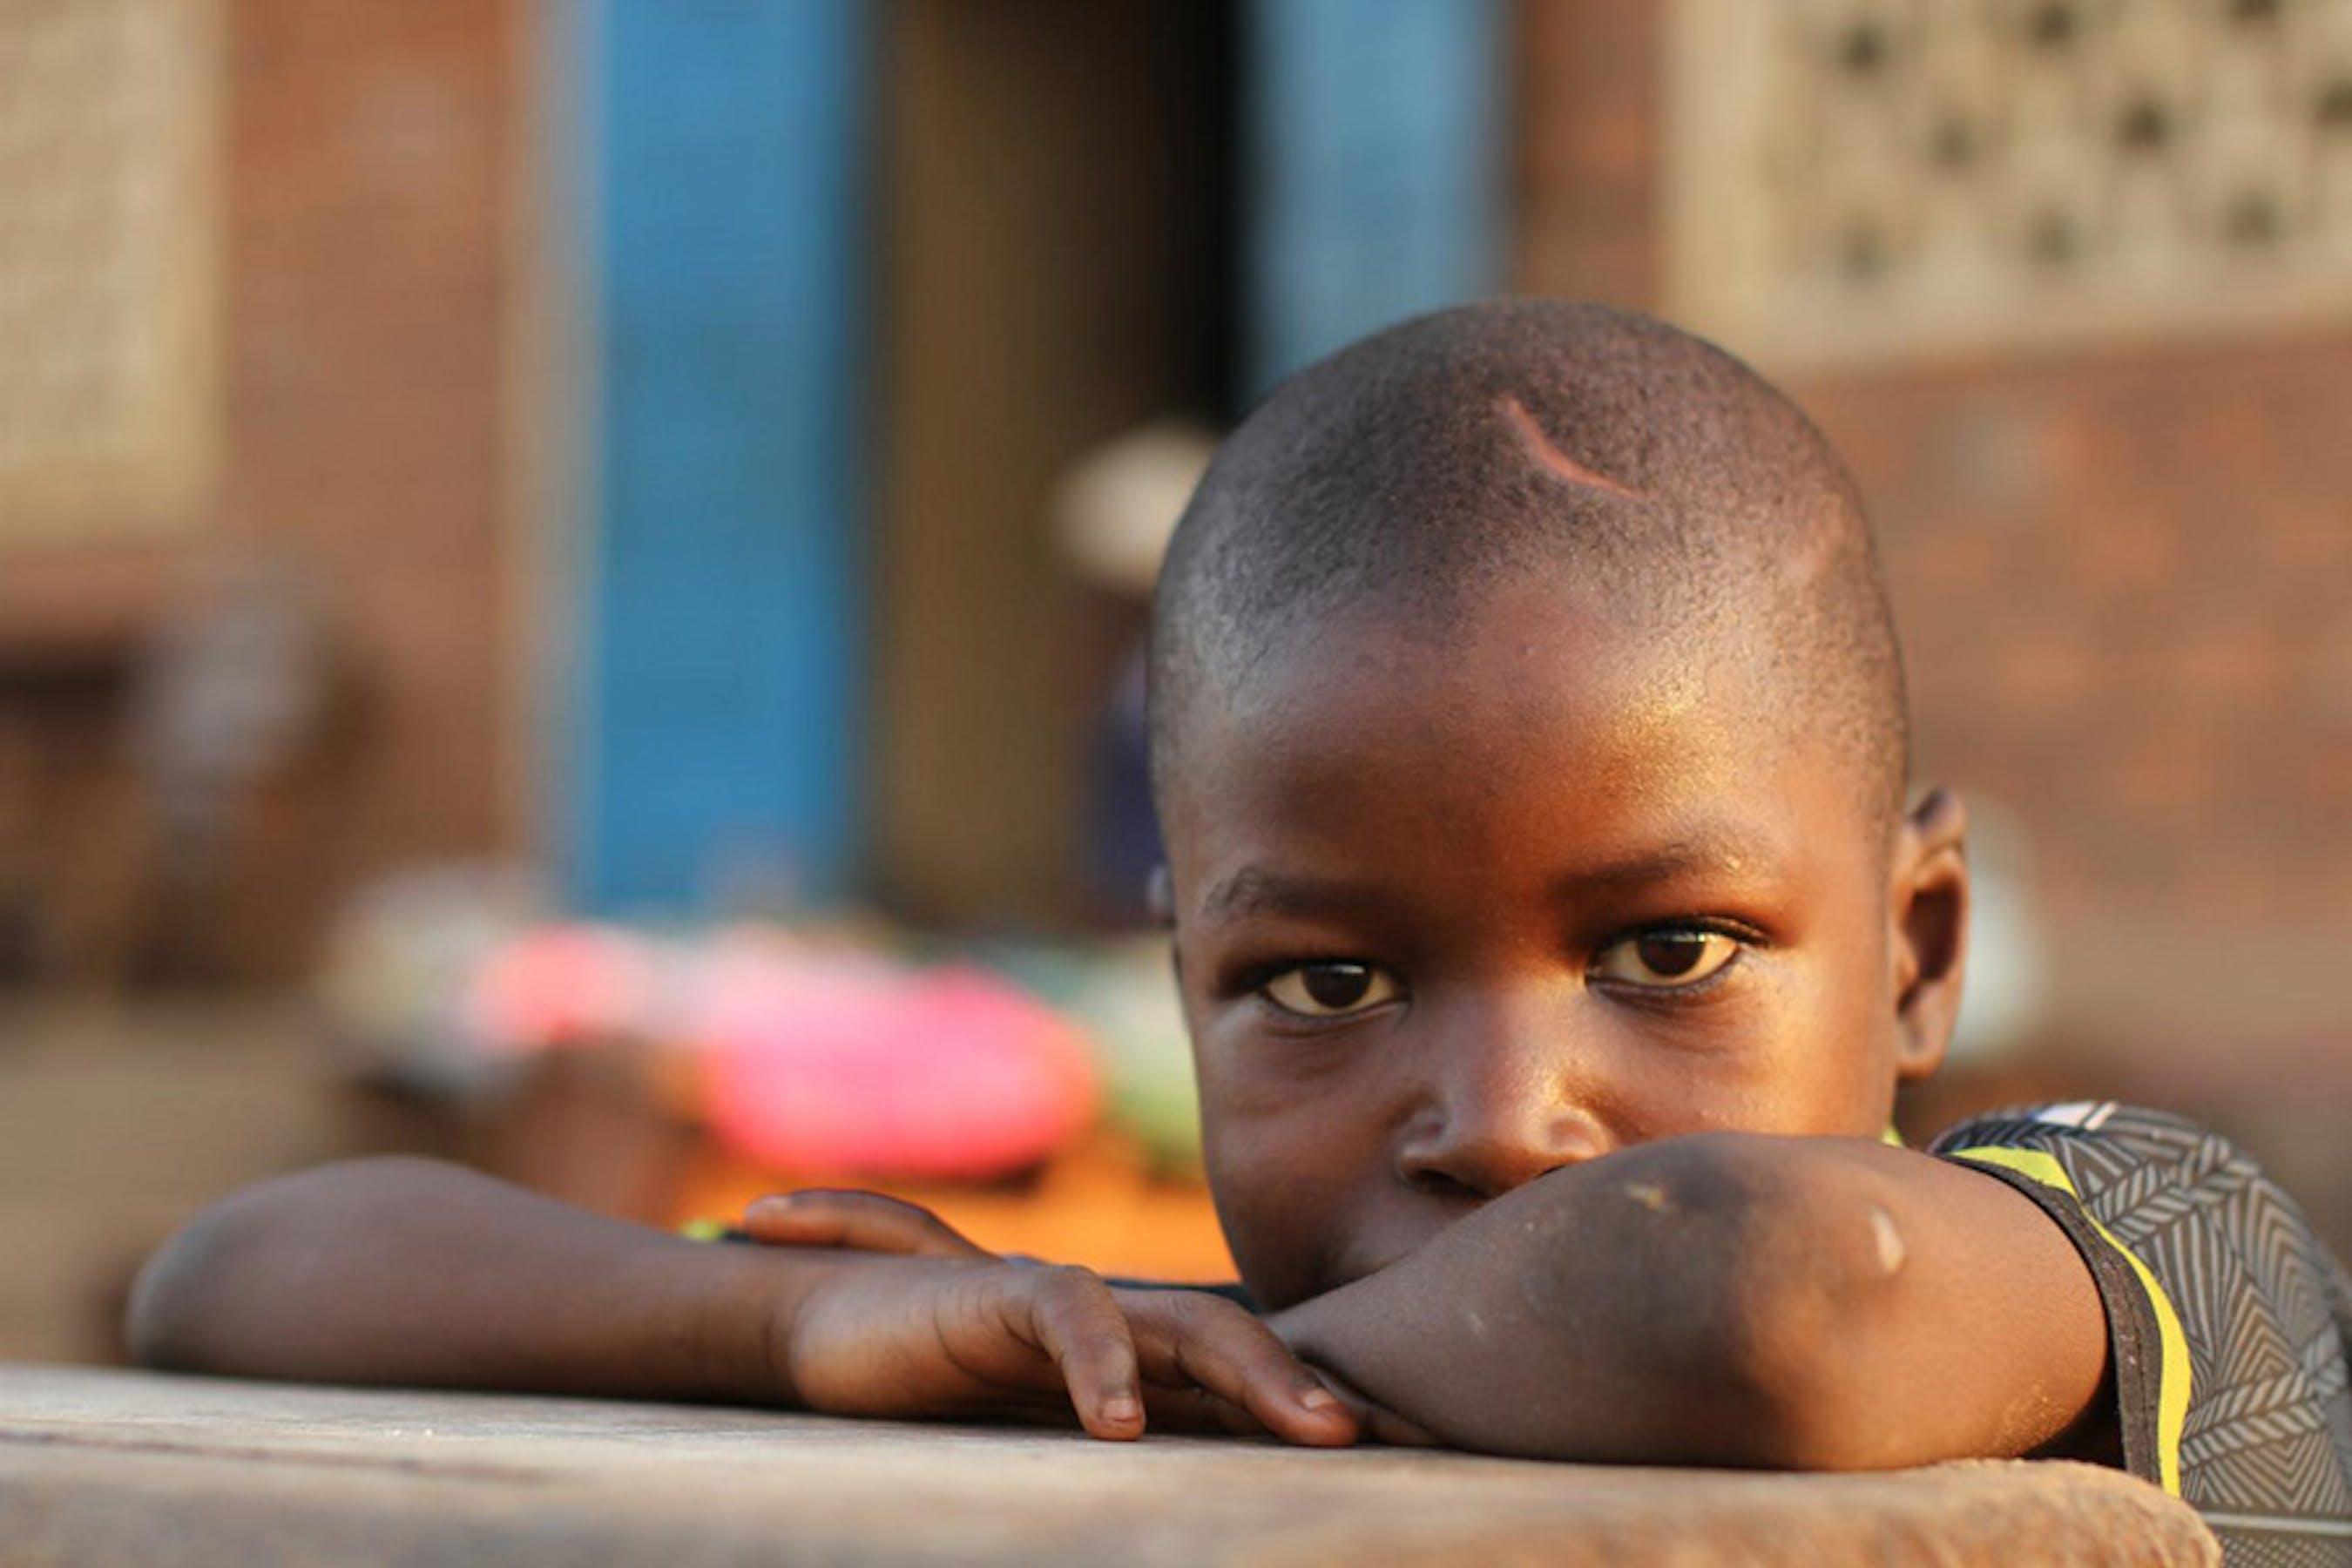 Adamou, 10 anni, vive con la mamma e un fratello in un campo profughi a Bossangoa, nella Repubblica Centrafricana. Sulla testa ha la cicatrice di un colpo di machete - ©UNICEF/NYHQ2013-1001/Gabrielle Menezes